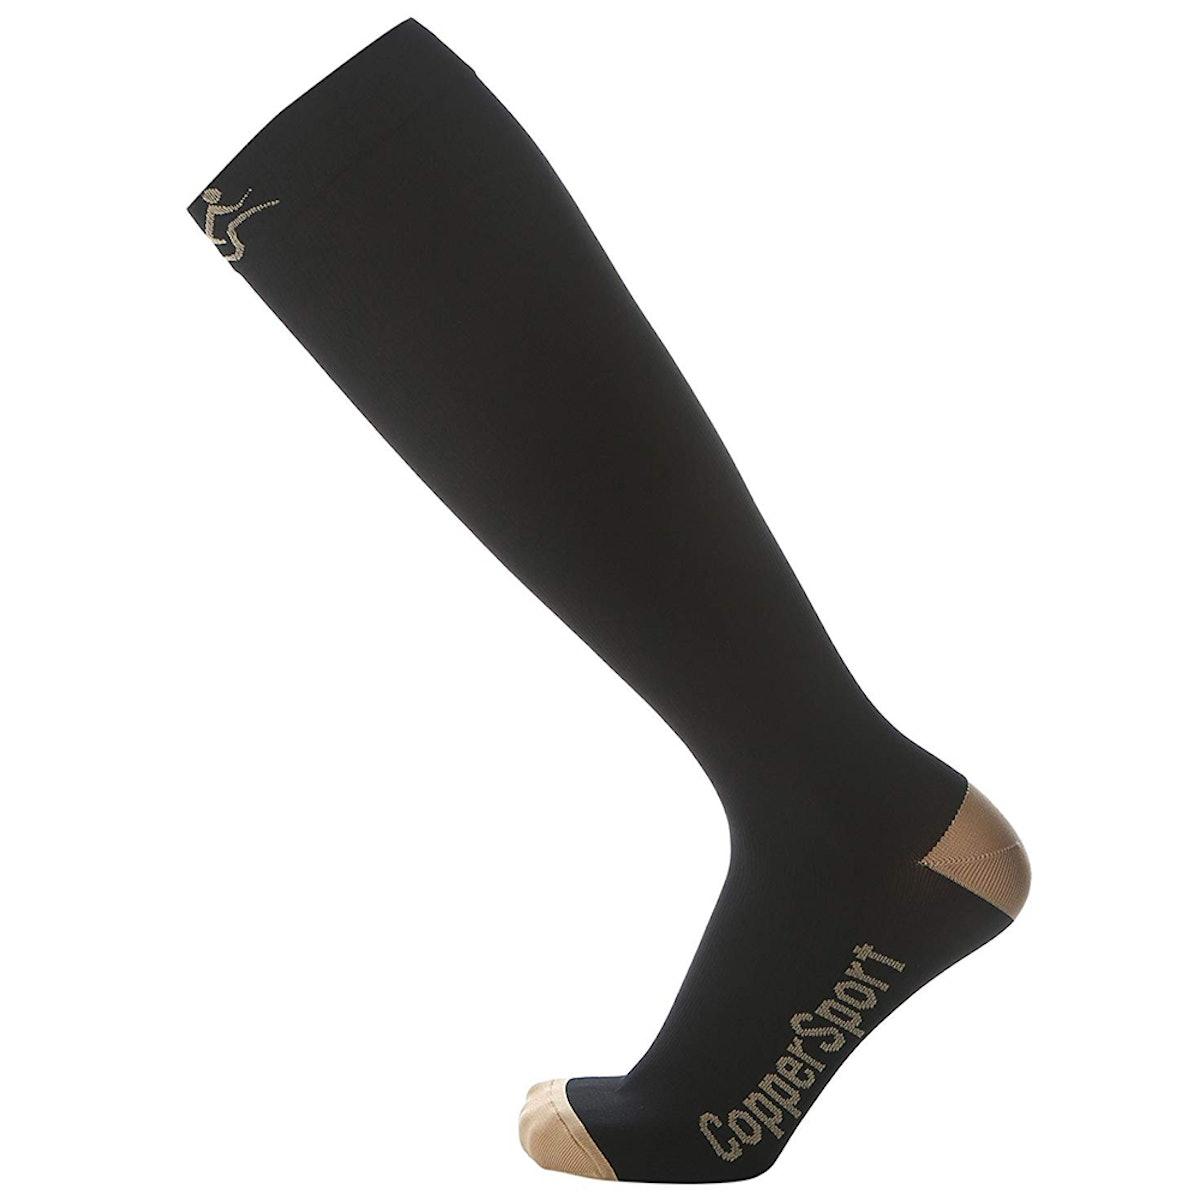 CopperSport Copper Compression Socks